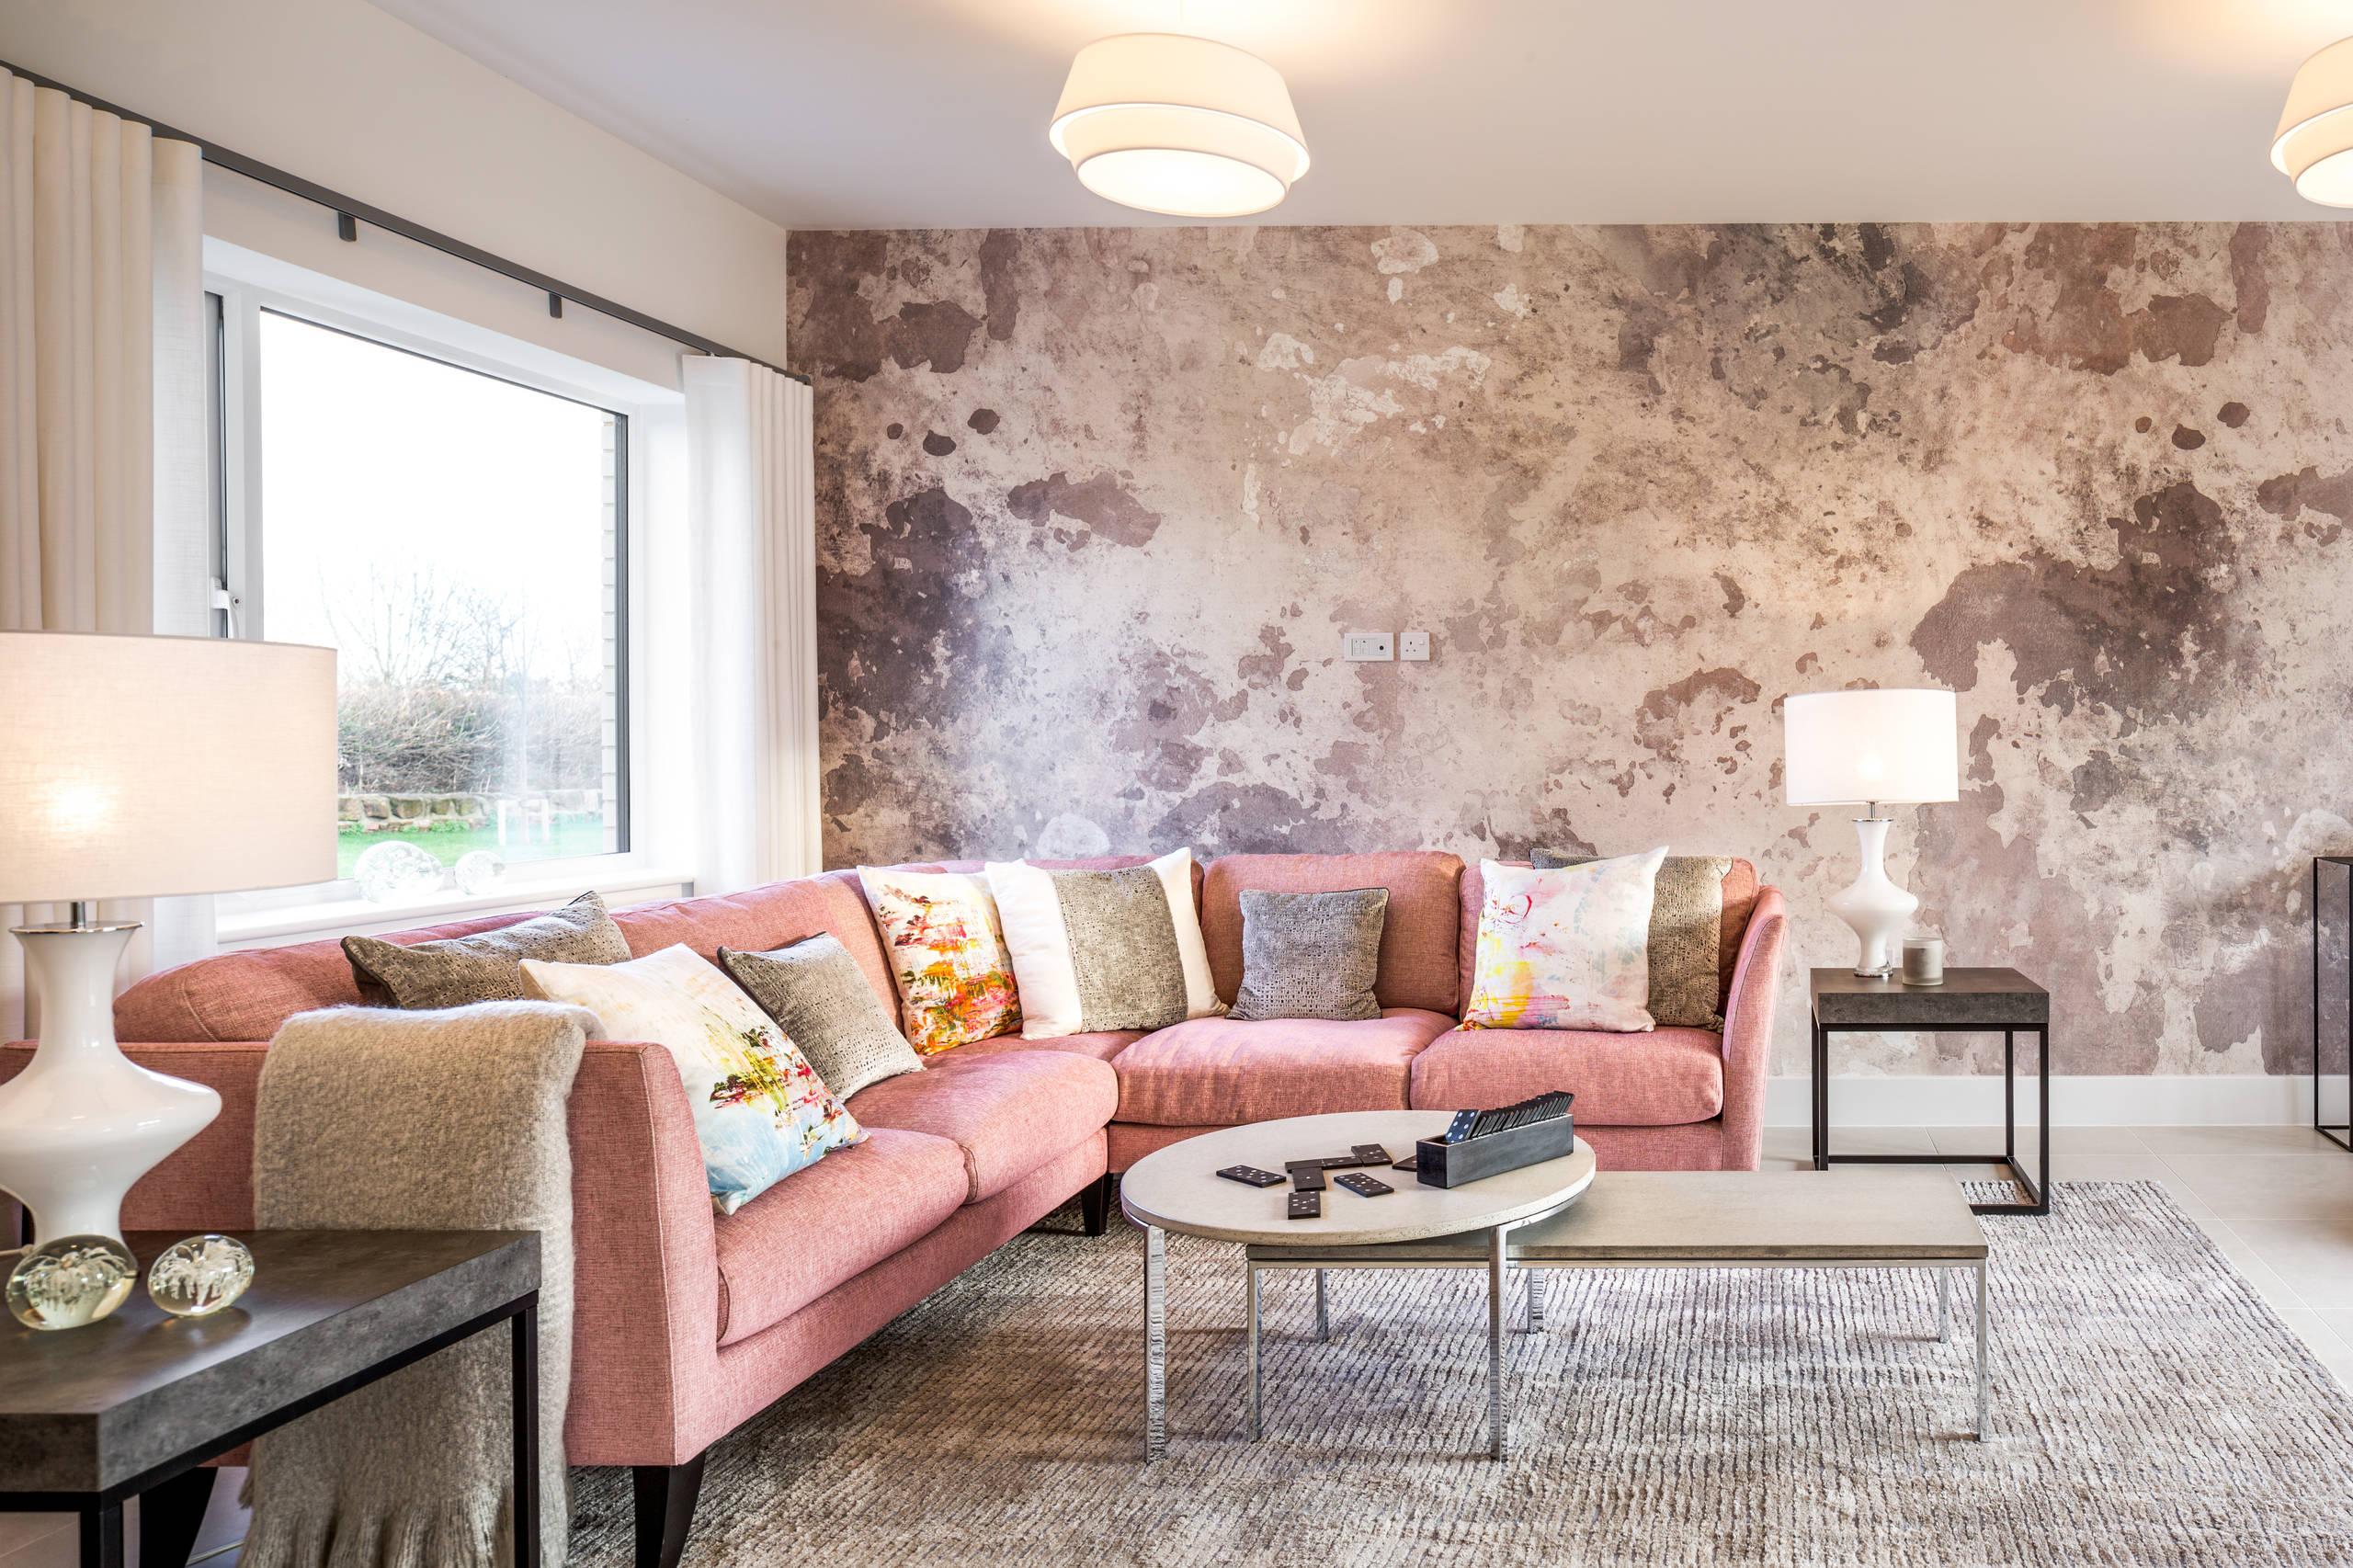 Несмотря на то что бетонные покрытия всегда ассоциировались с помещениями заводов и фабрик, обои под бетон все же могут создать уютную атмосферу в вашей квартире